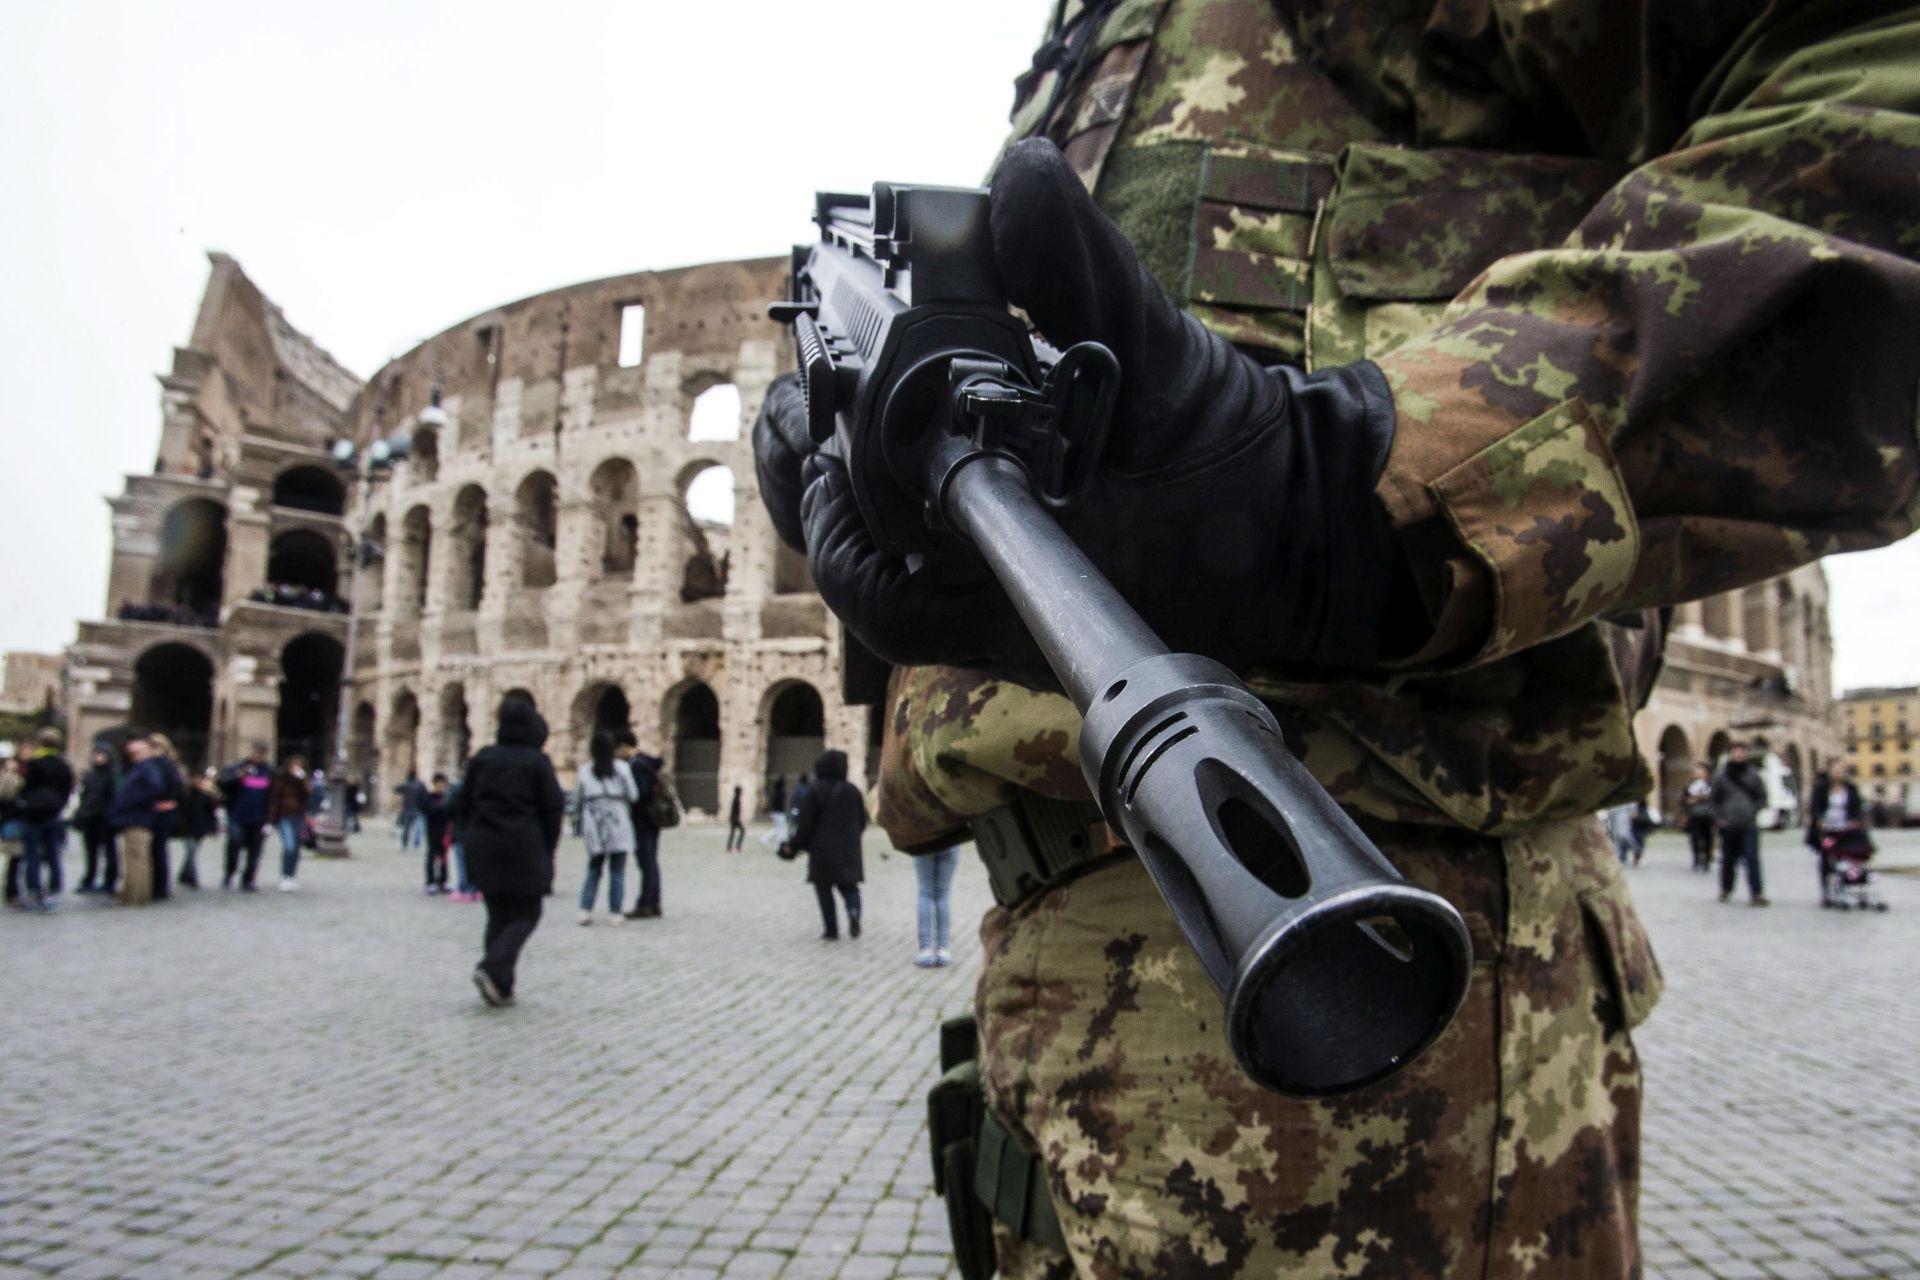 NAPADI DILJEM EUROPE: Najmanje 400 militanata Islamske države prošlo obuku za terorističke napade